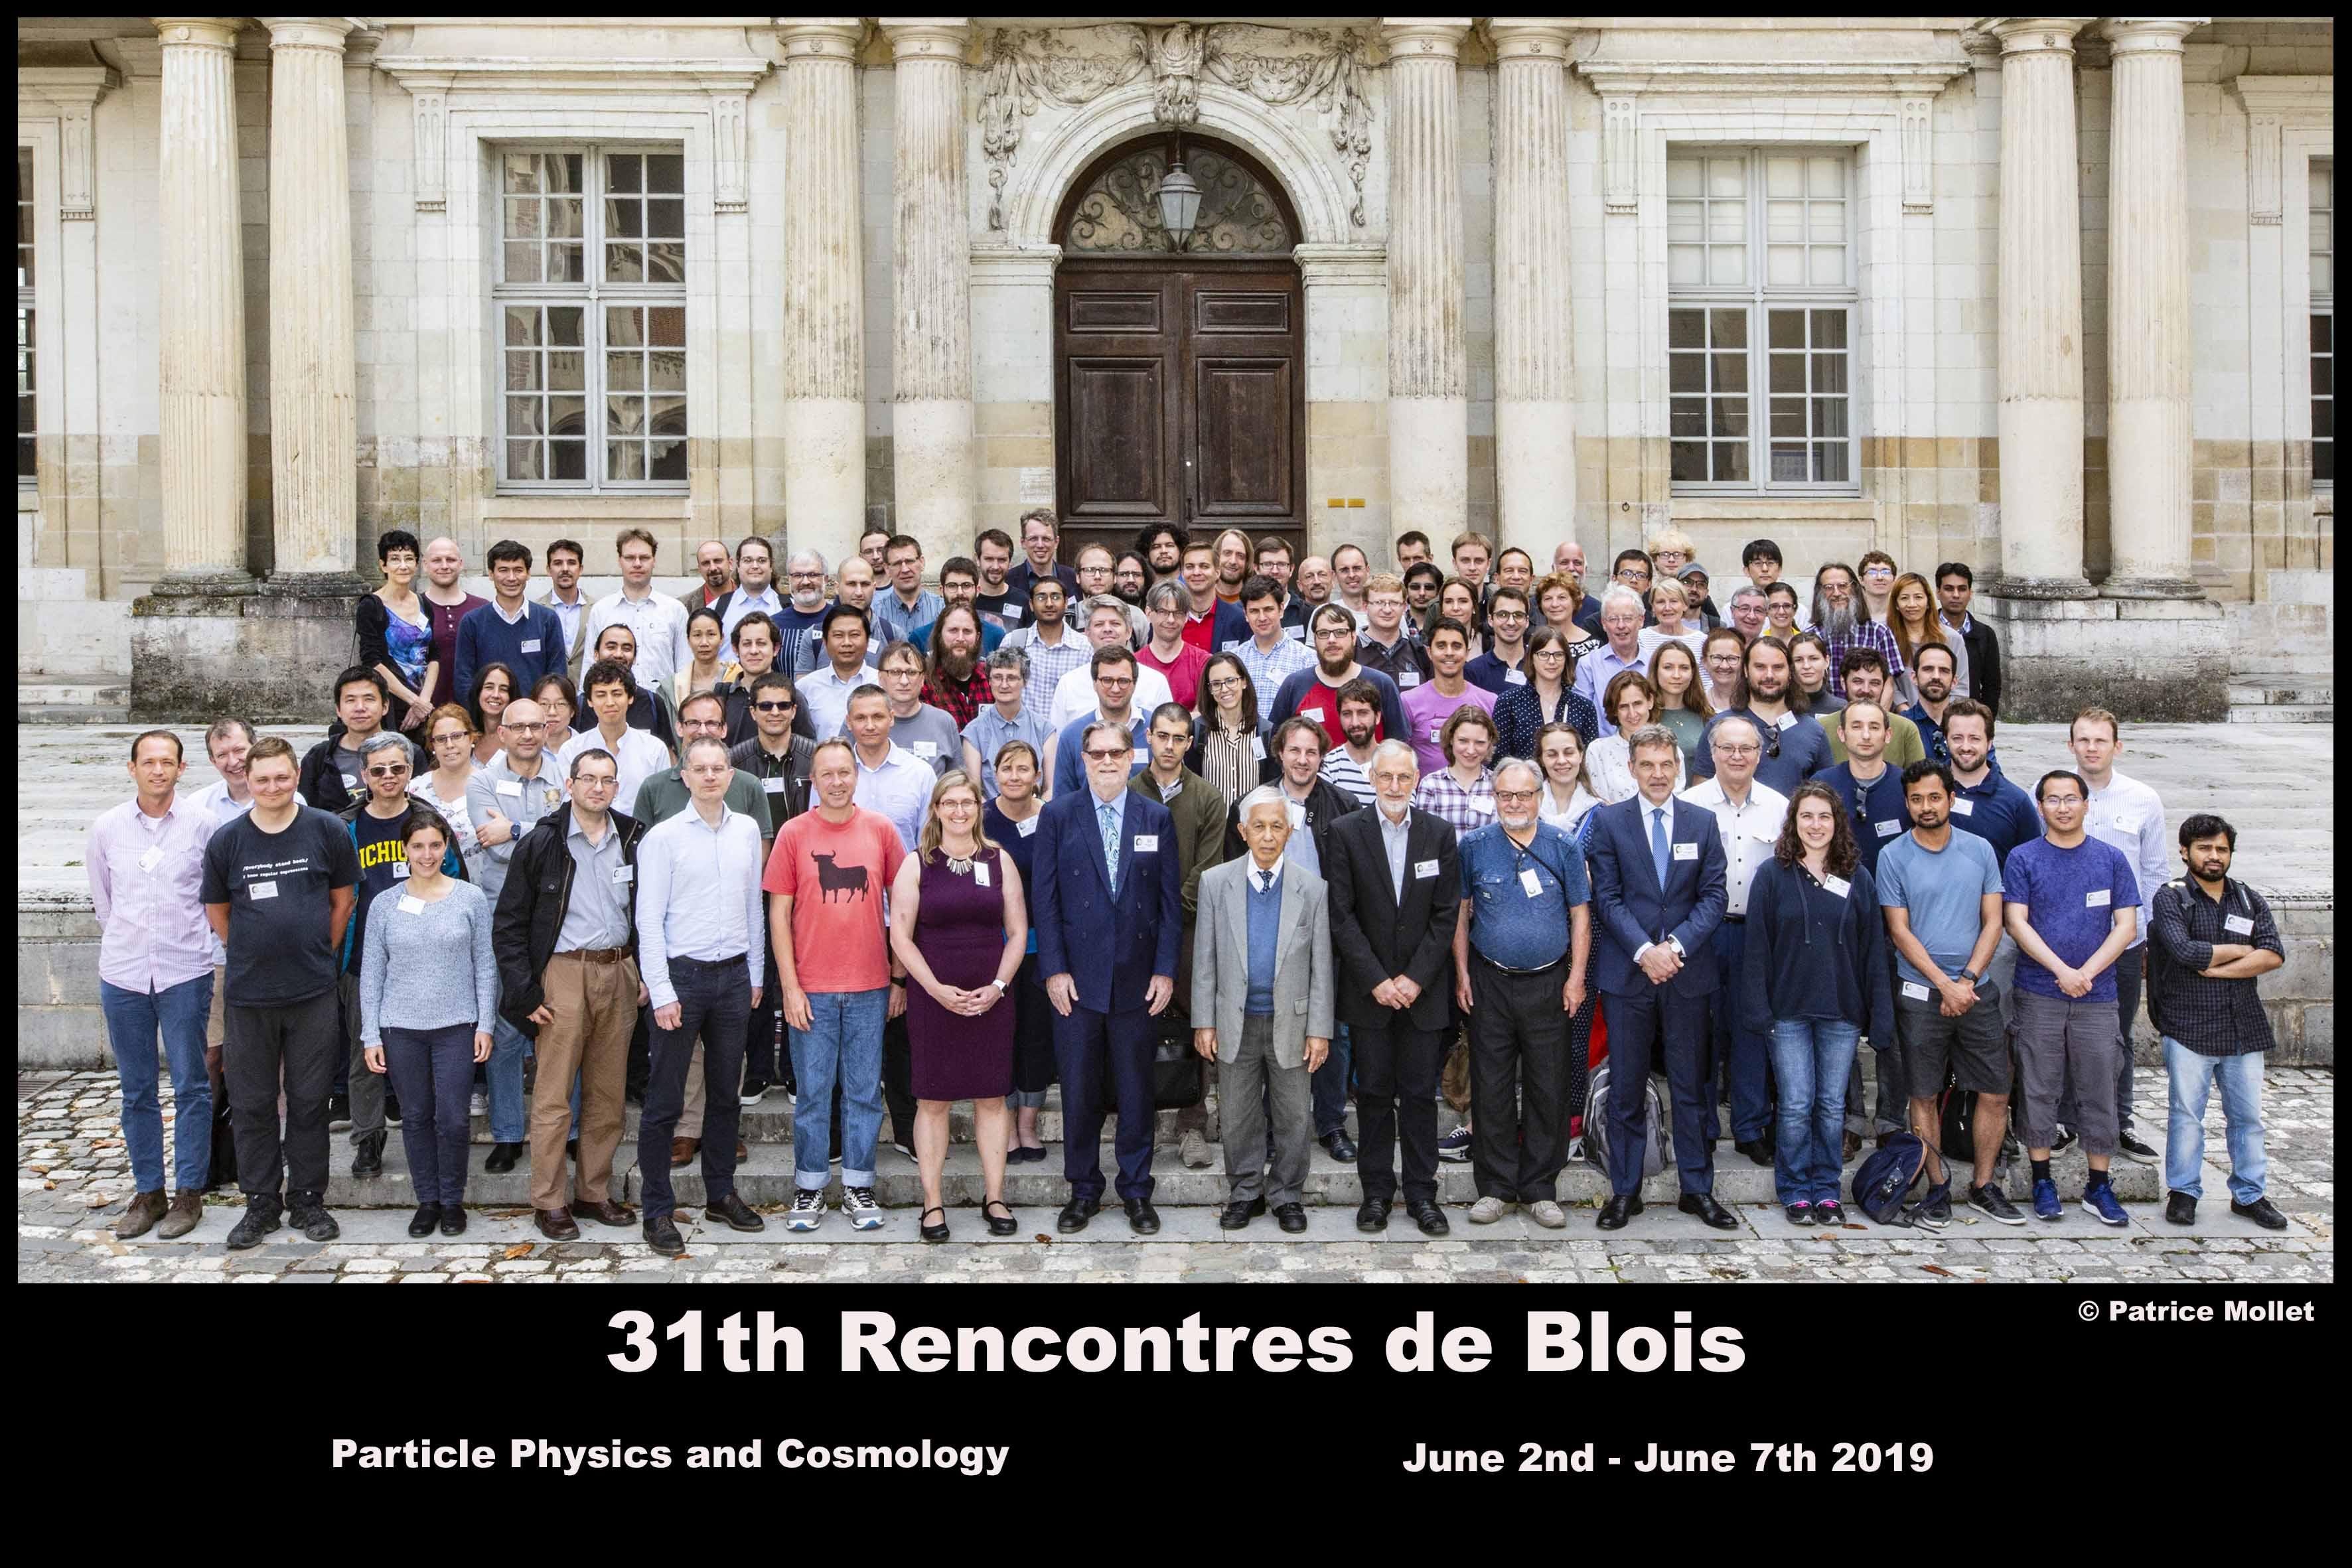 Rencontre célibataires à Blois